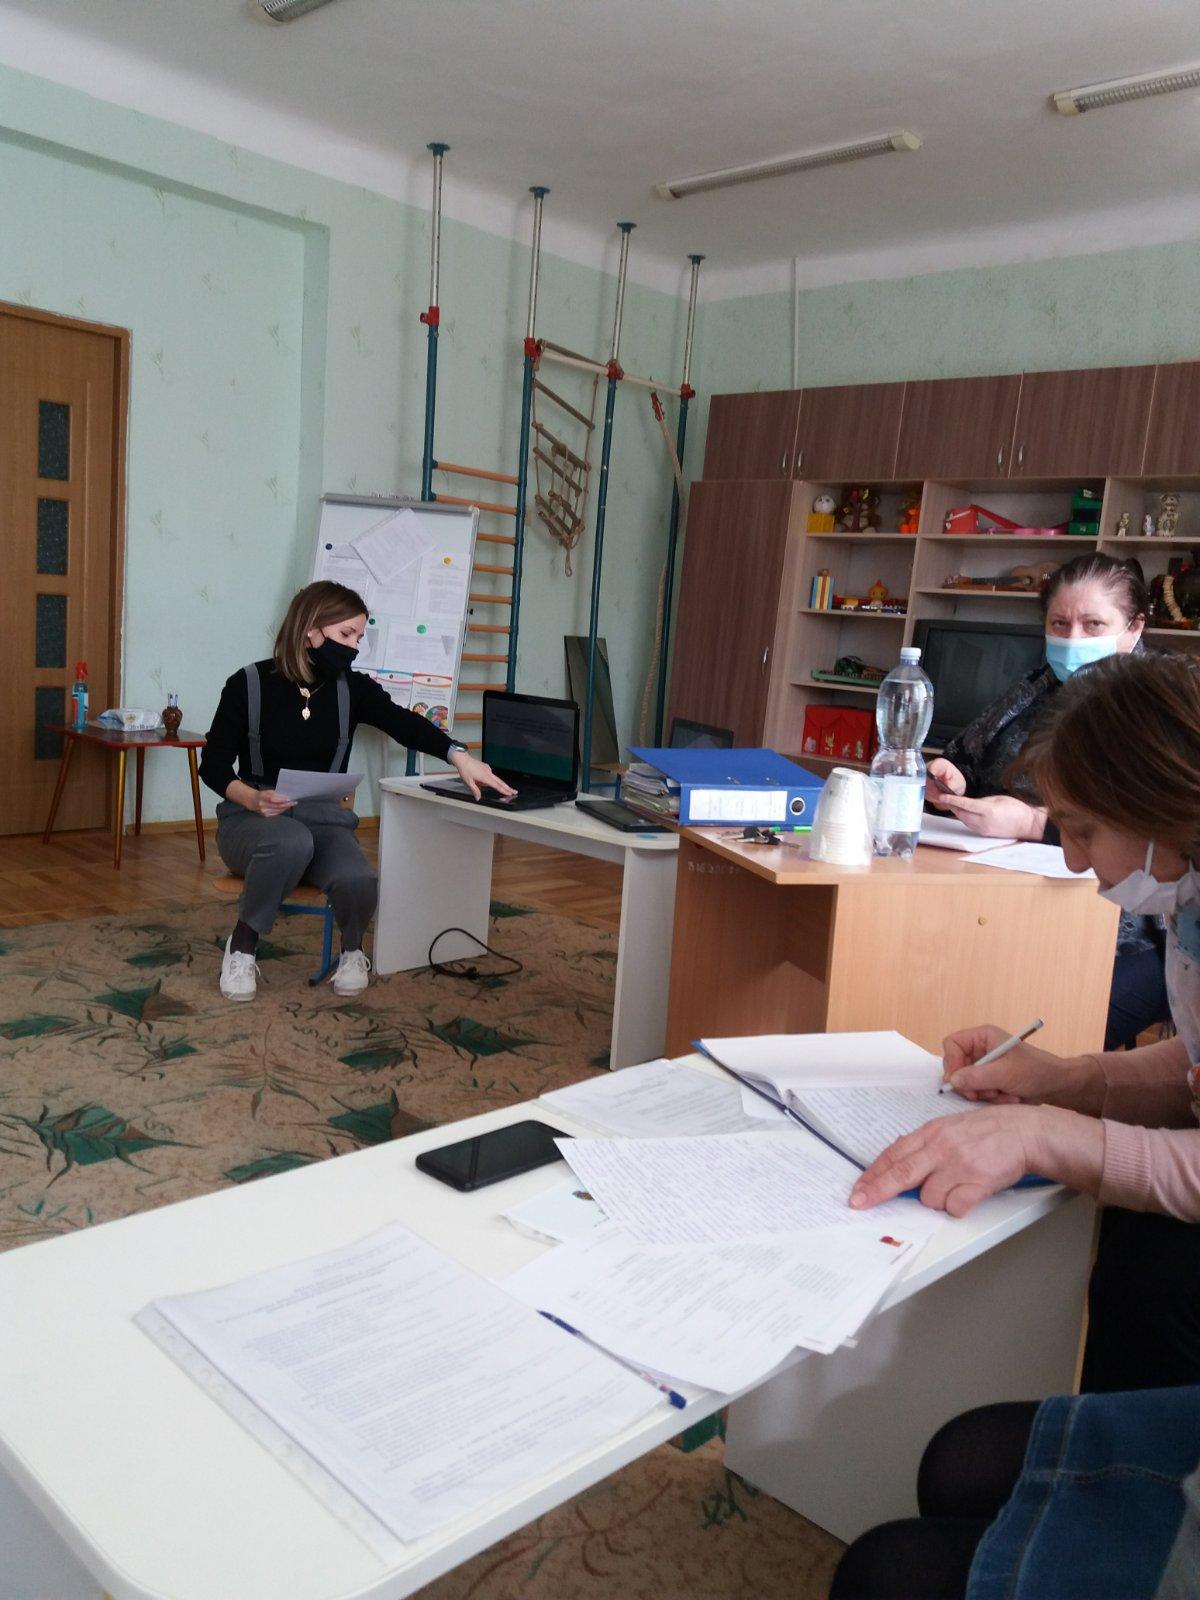 Пeдсовет Тема: Аттестация дидактических кадров на учебный год 2020-2021 в Д/С № 113